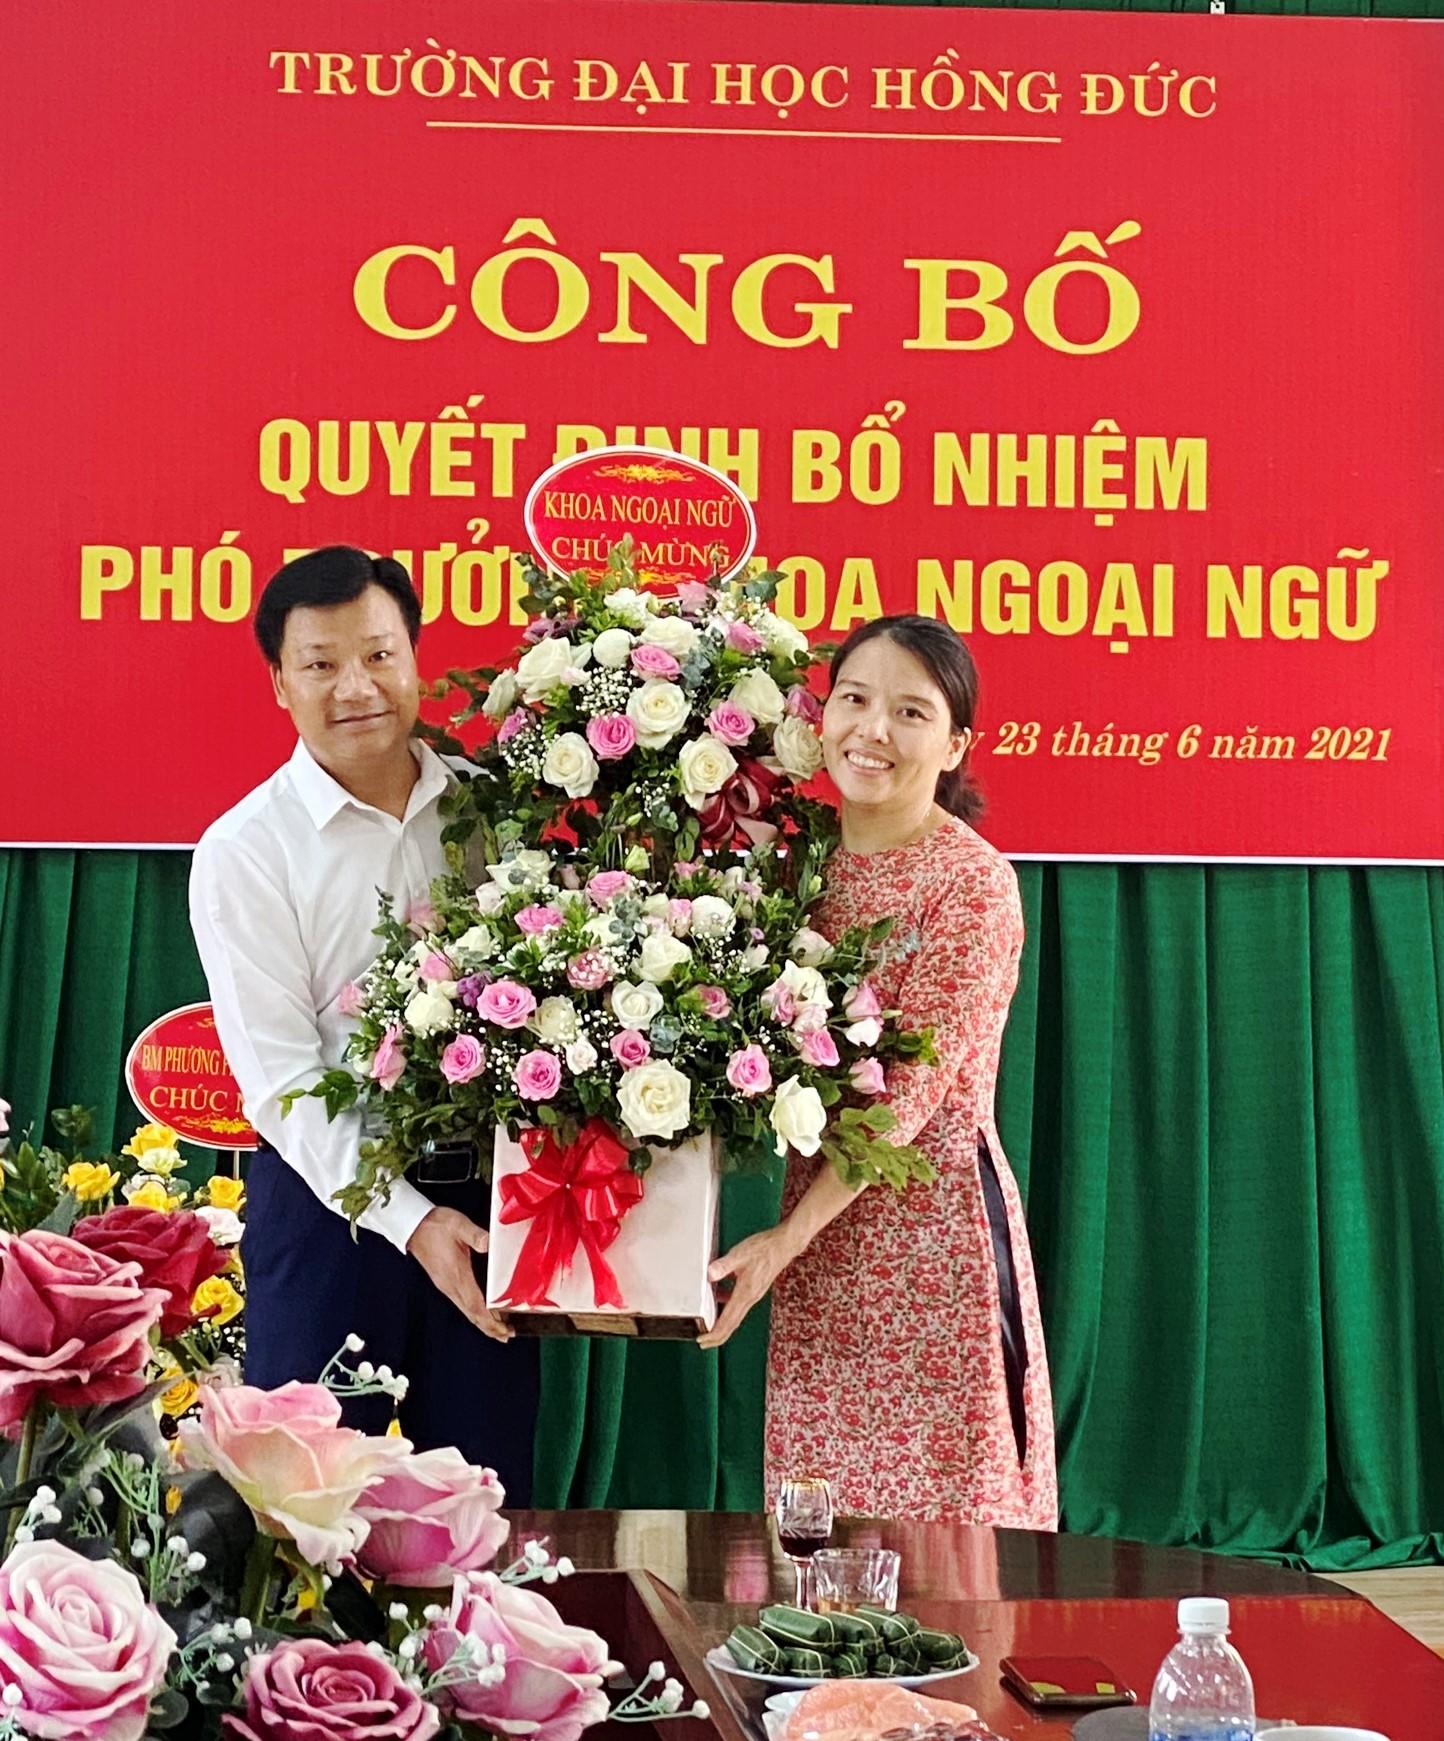 Media/2005_knn.hdu.edu.vn/FolderFunc/202106/Images/hoa1-20210625124031-e.jpg